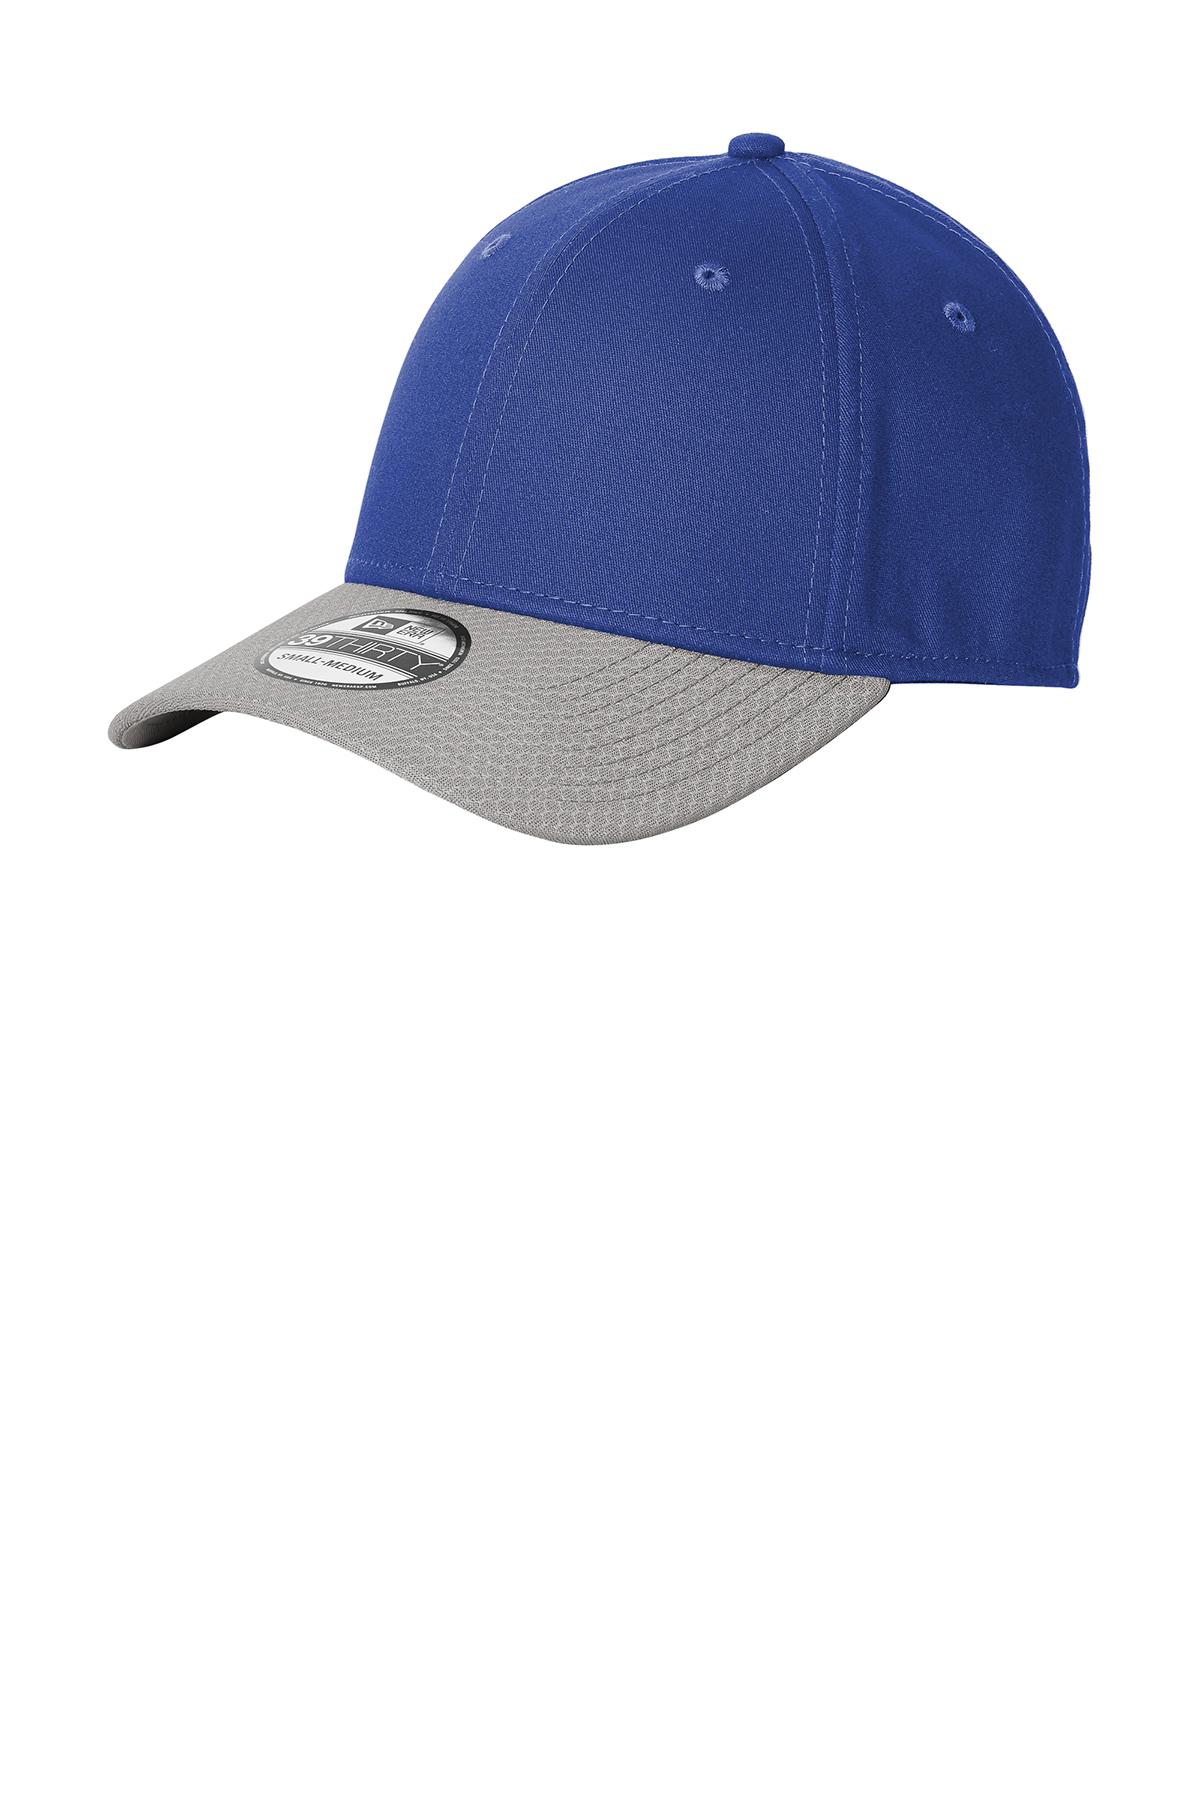 New Era ® NE1122 - Stretch Cotton Striped Cap